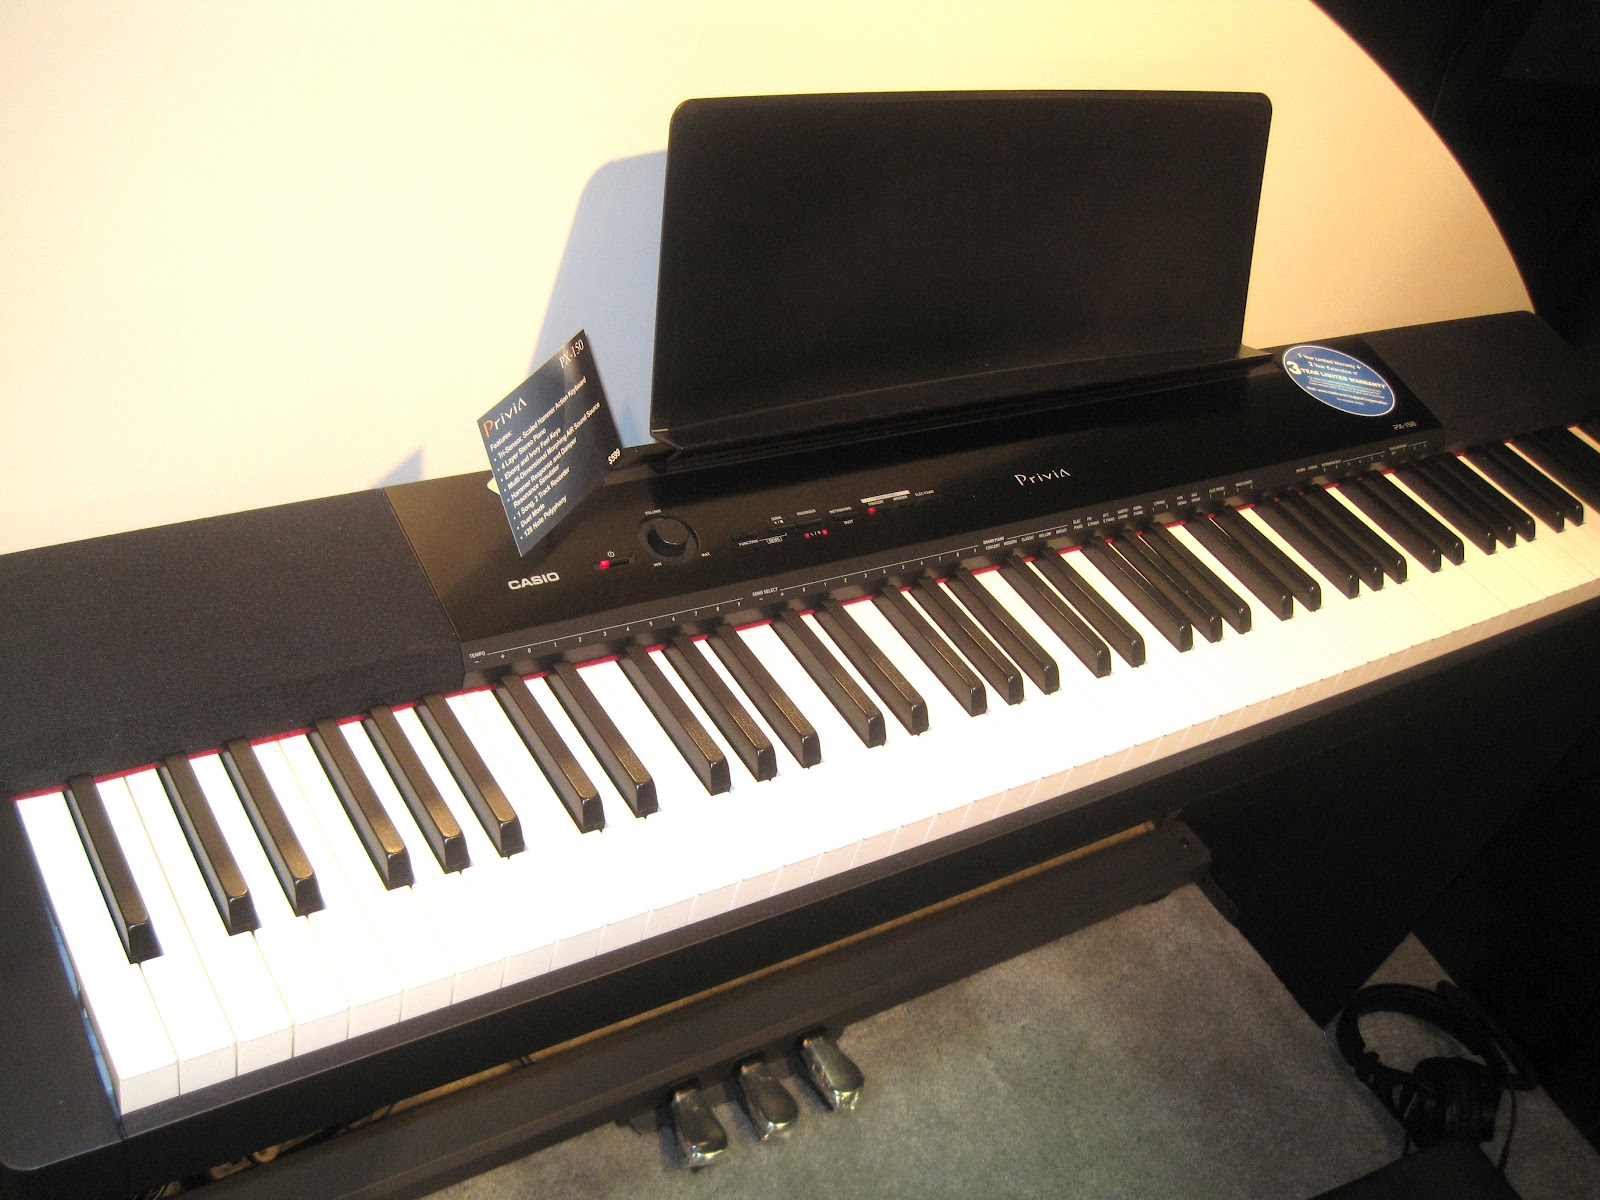 az piano reviews review casio px350 px150 privia digital pianos very nice digital. Black Bedroom Furniture Sets. Home Design Ideas